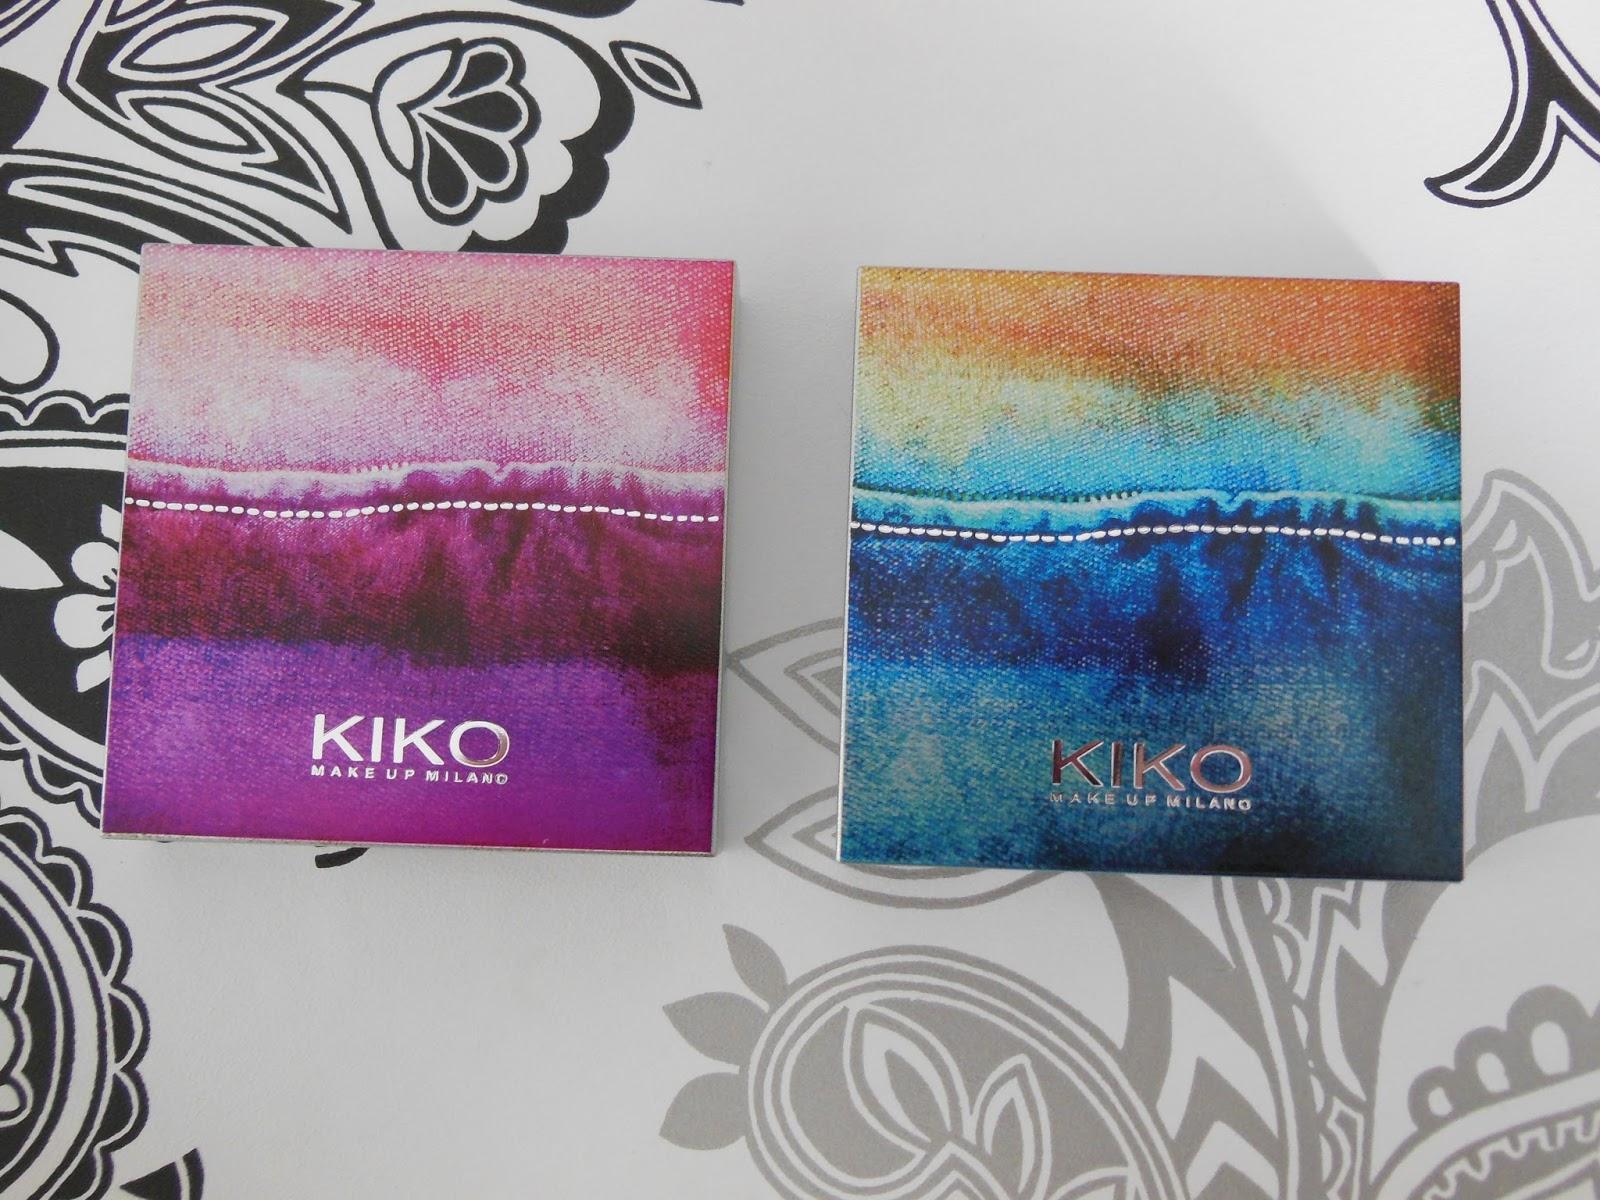 Kiko Boulevard Rock makeup collection